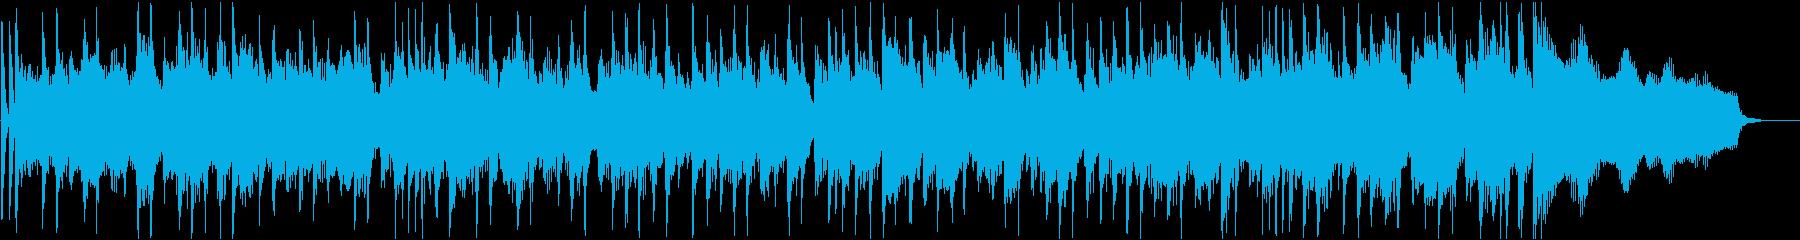 コーナータイトル_80Sアイドル番組の再生済みの波形